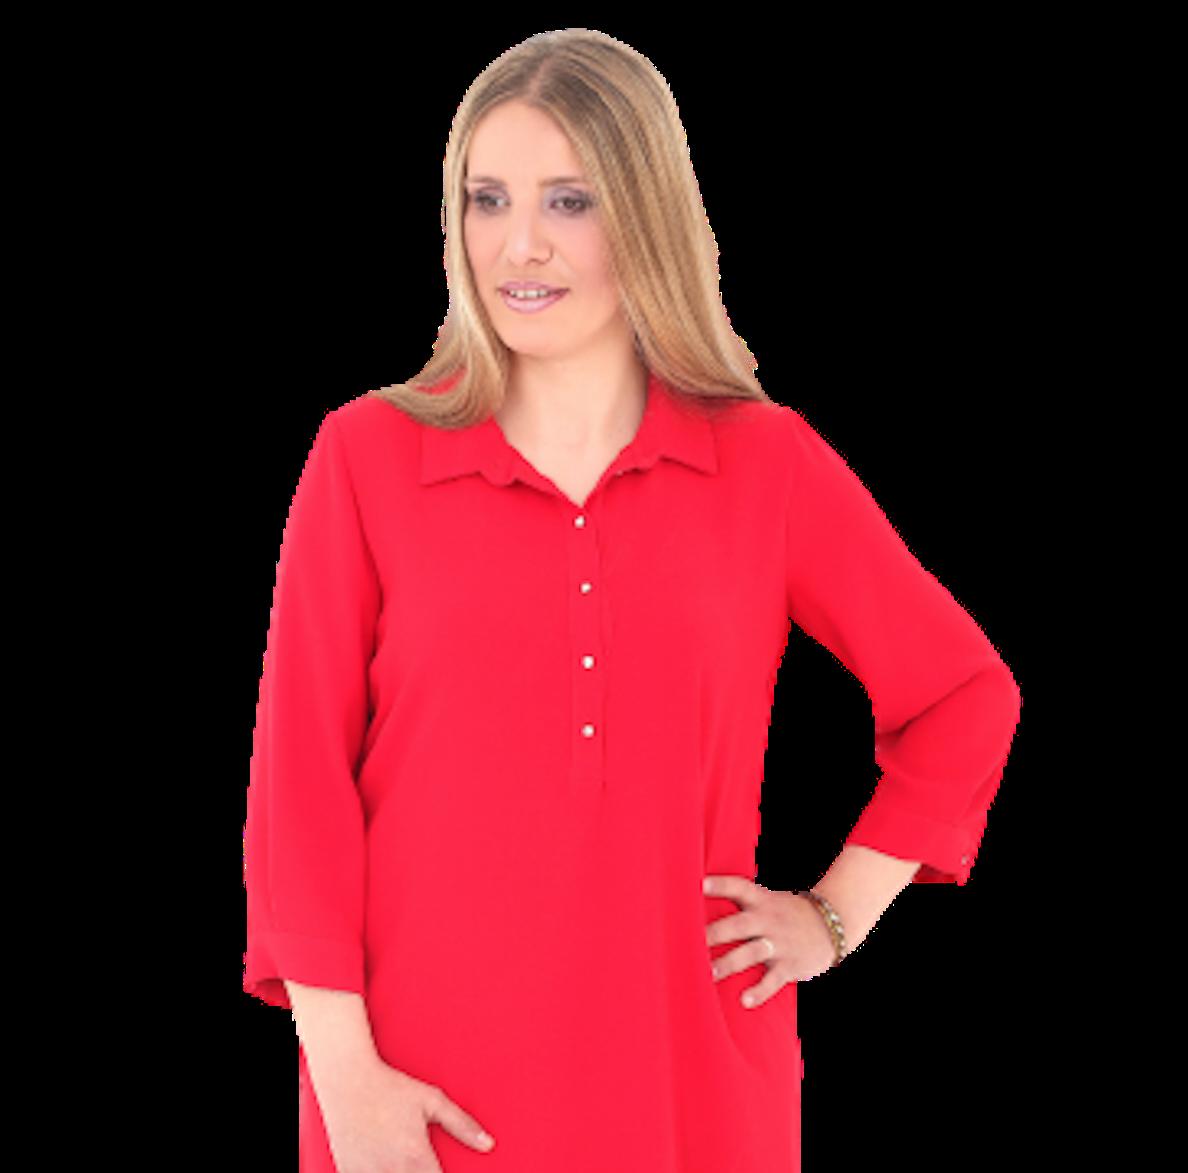 portrait florie Bouilloux dans une robe rouge